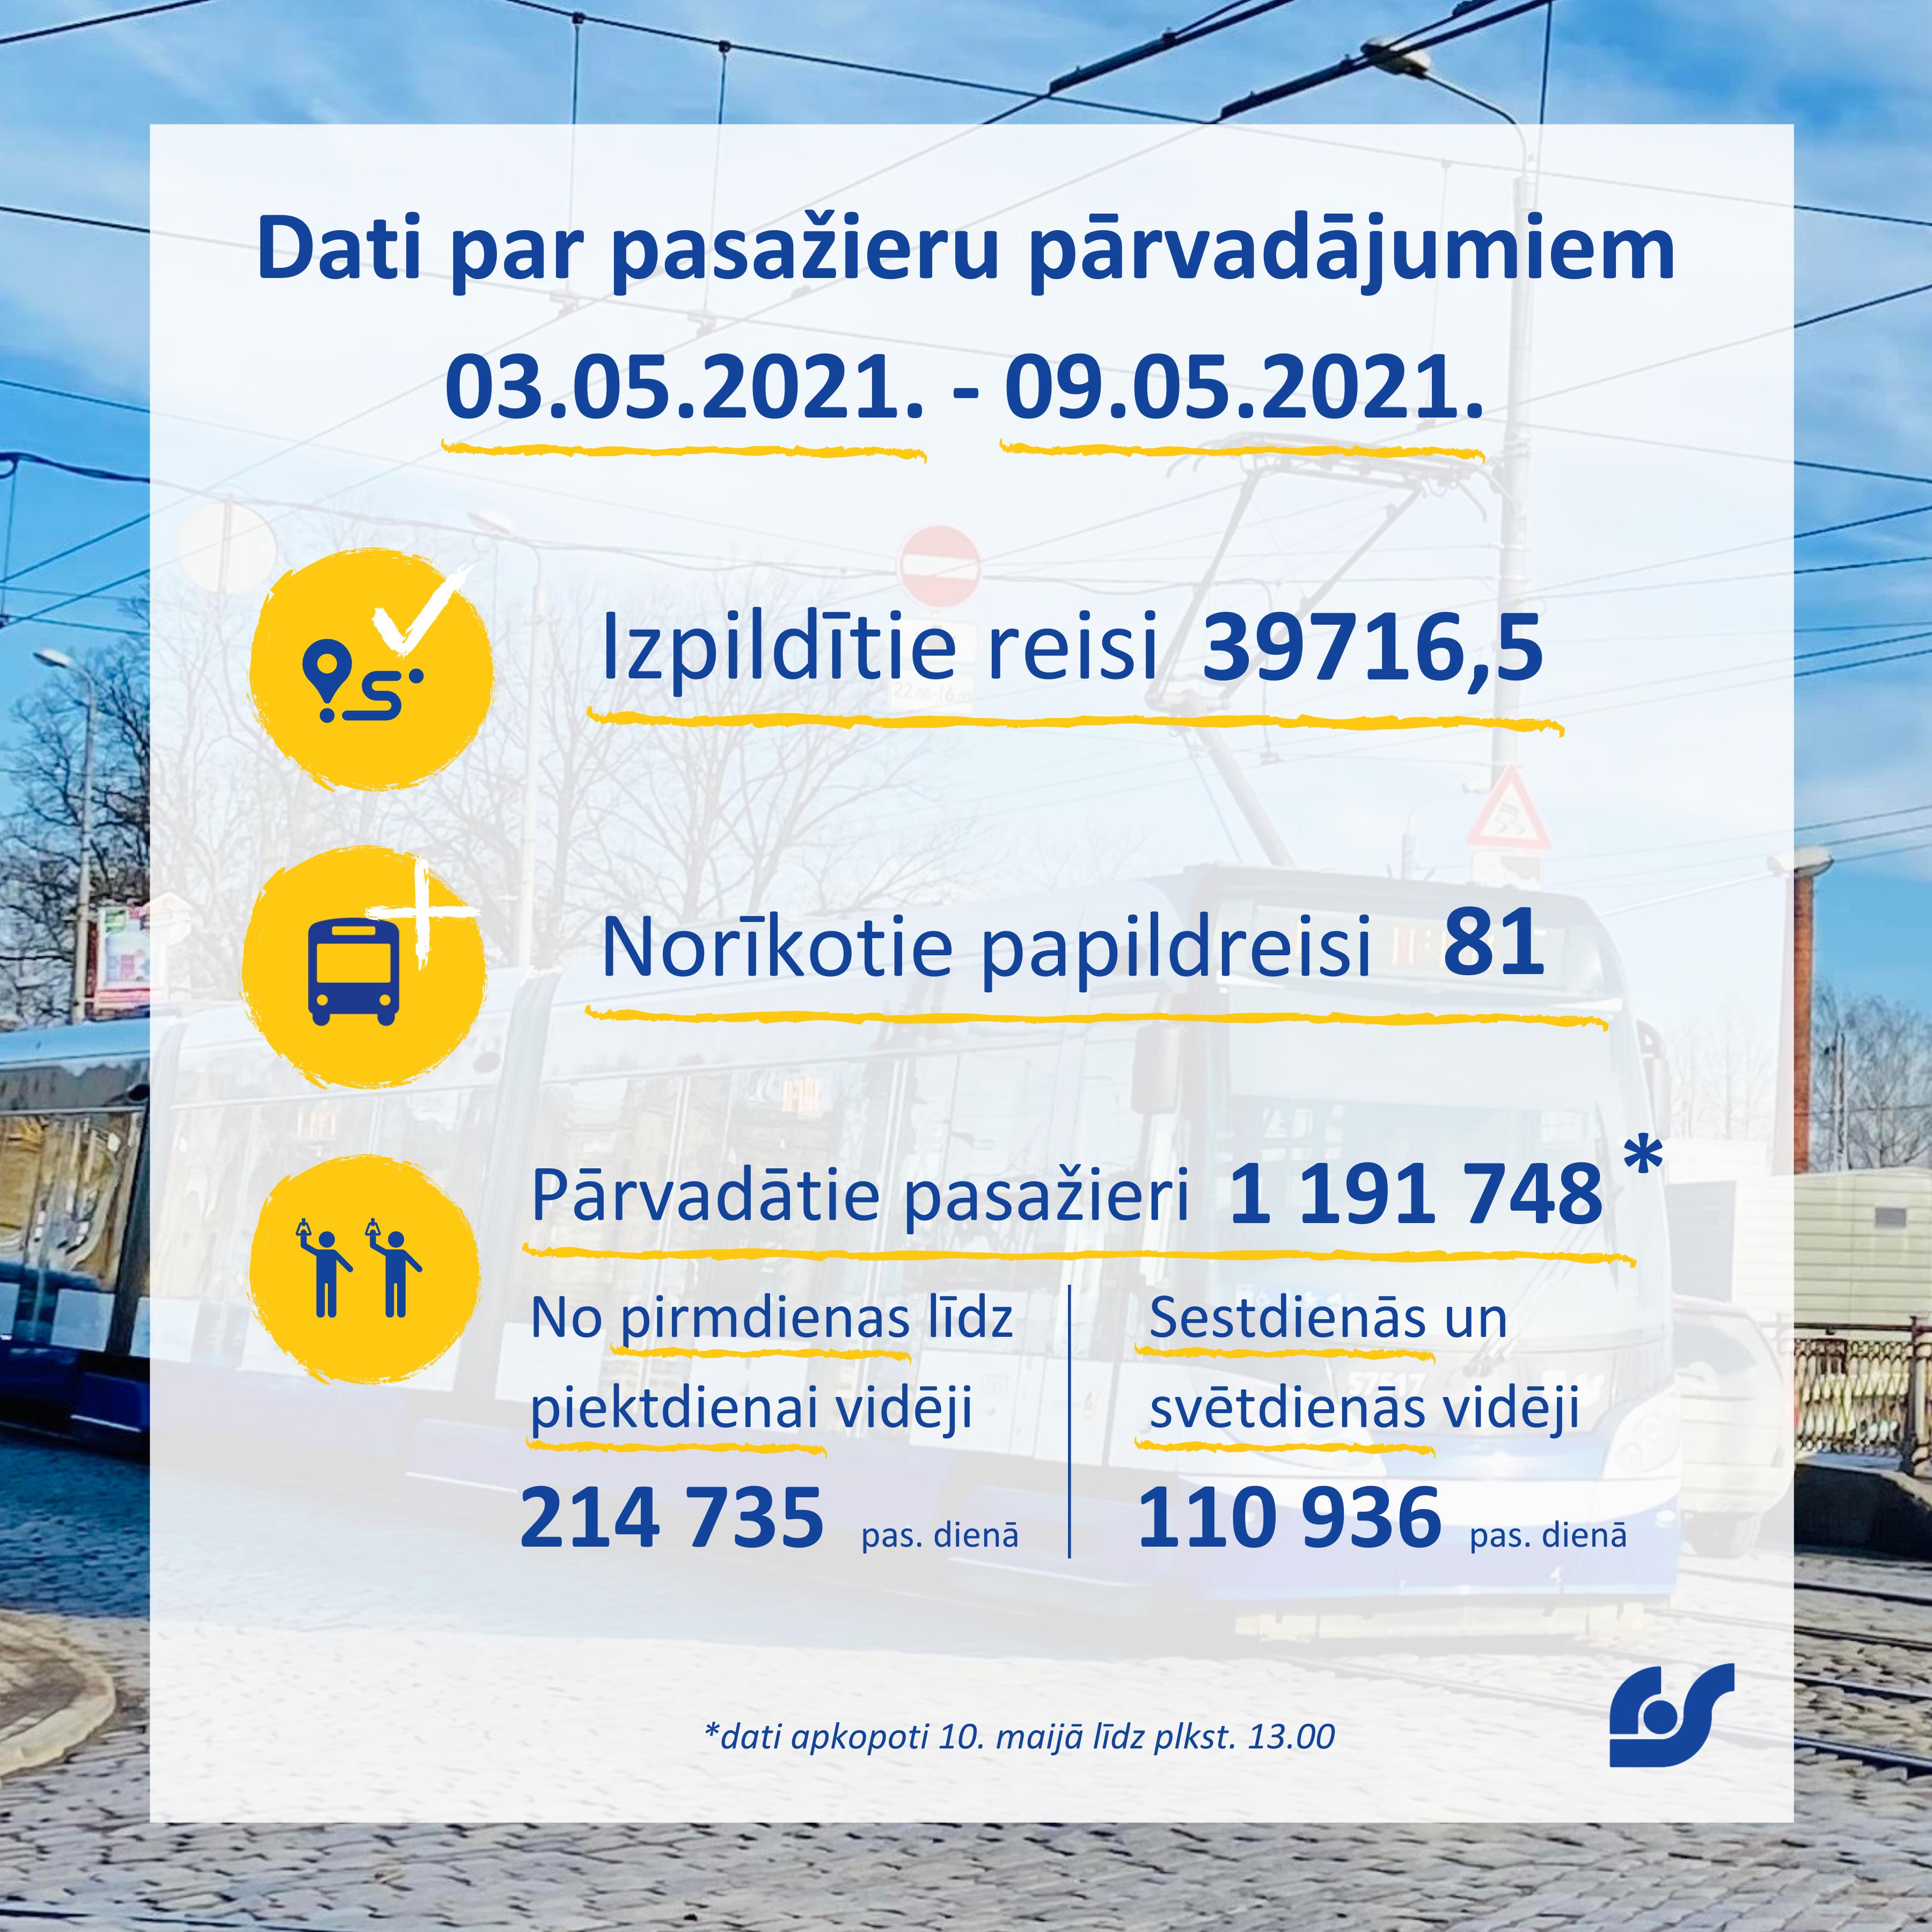 Dati par pasažieru pārvadājumiem.png